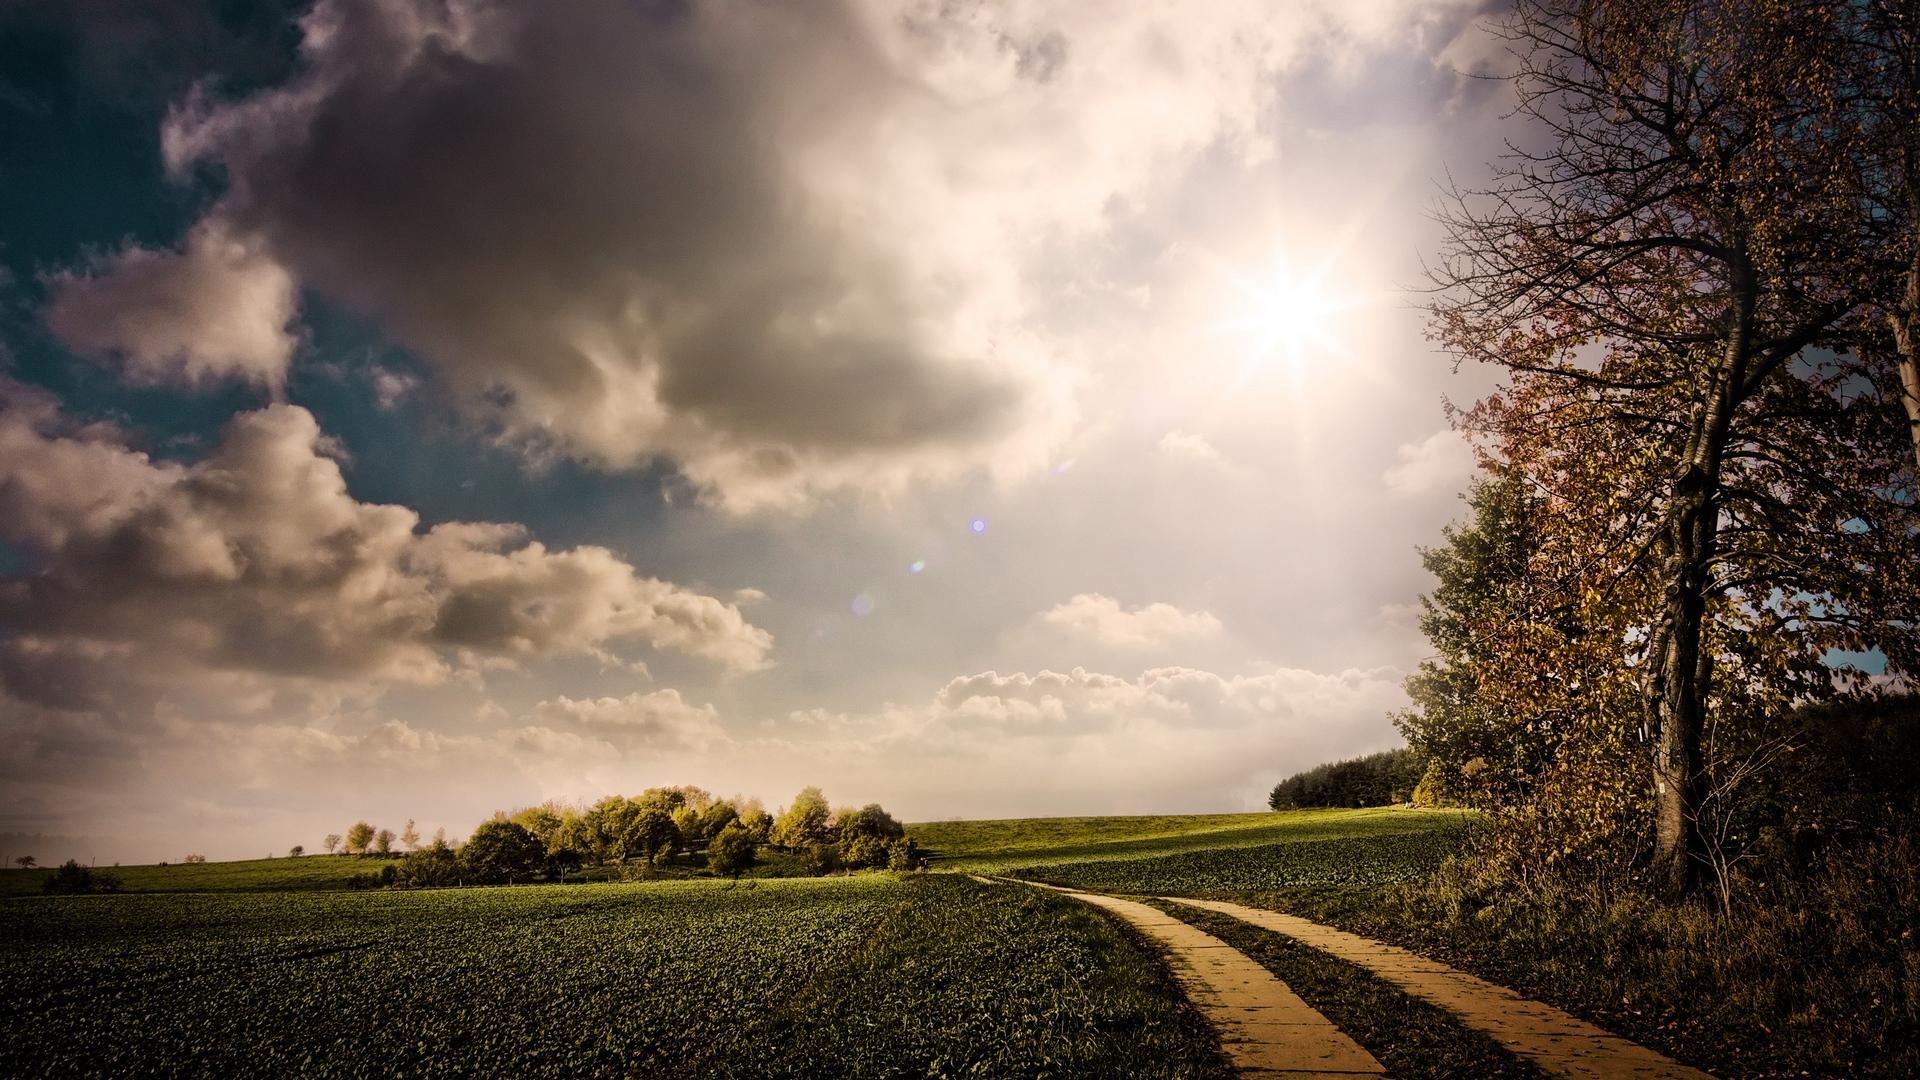 дорога, солнце, трава, деревья  № 3117683 бесплатно